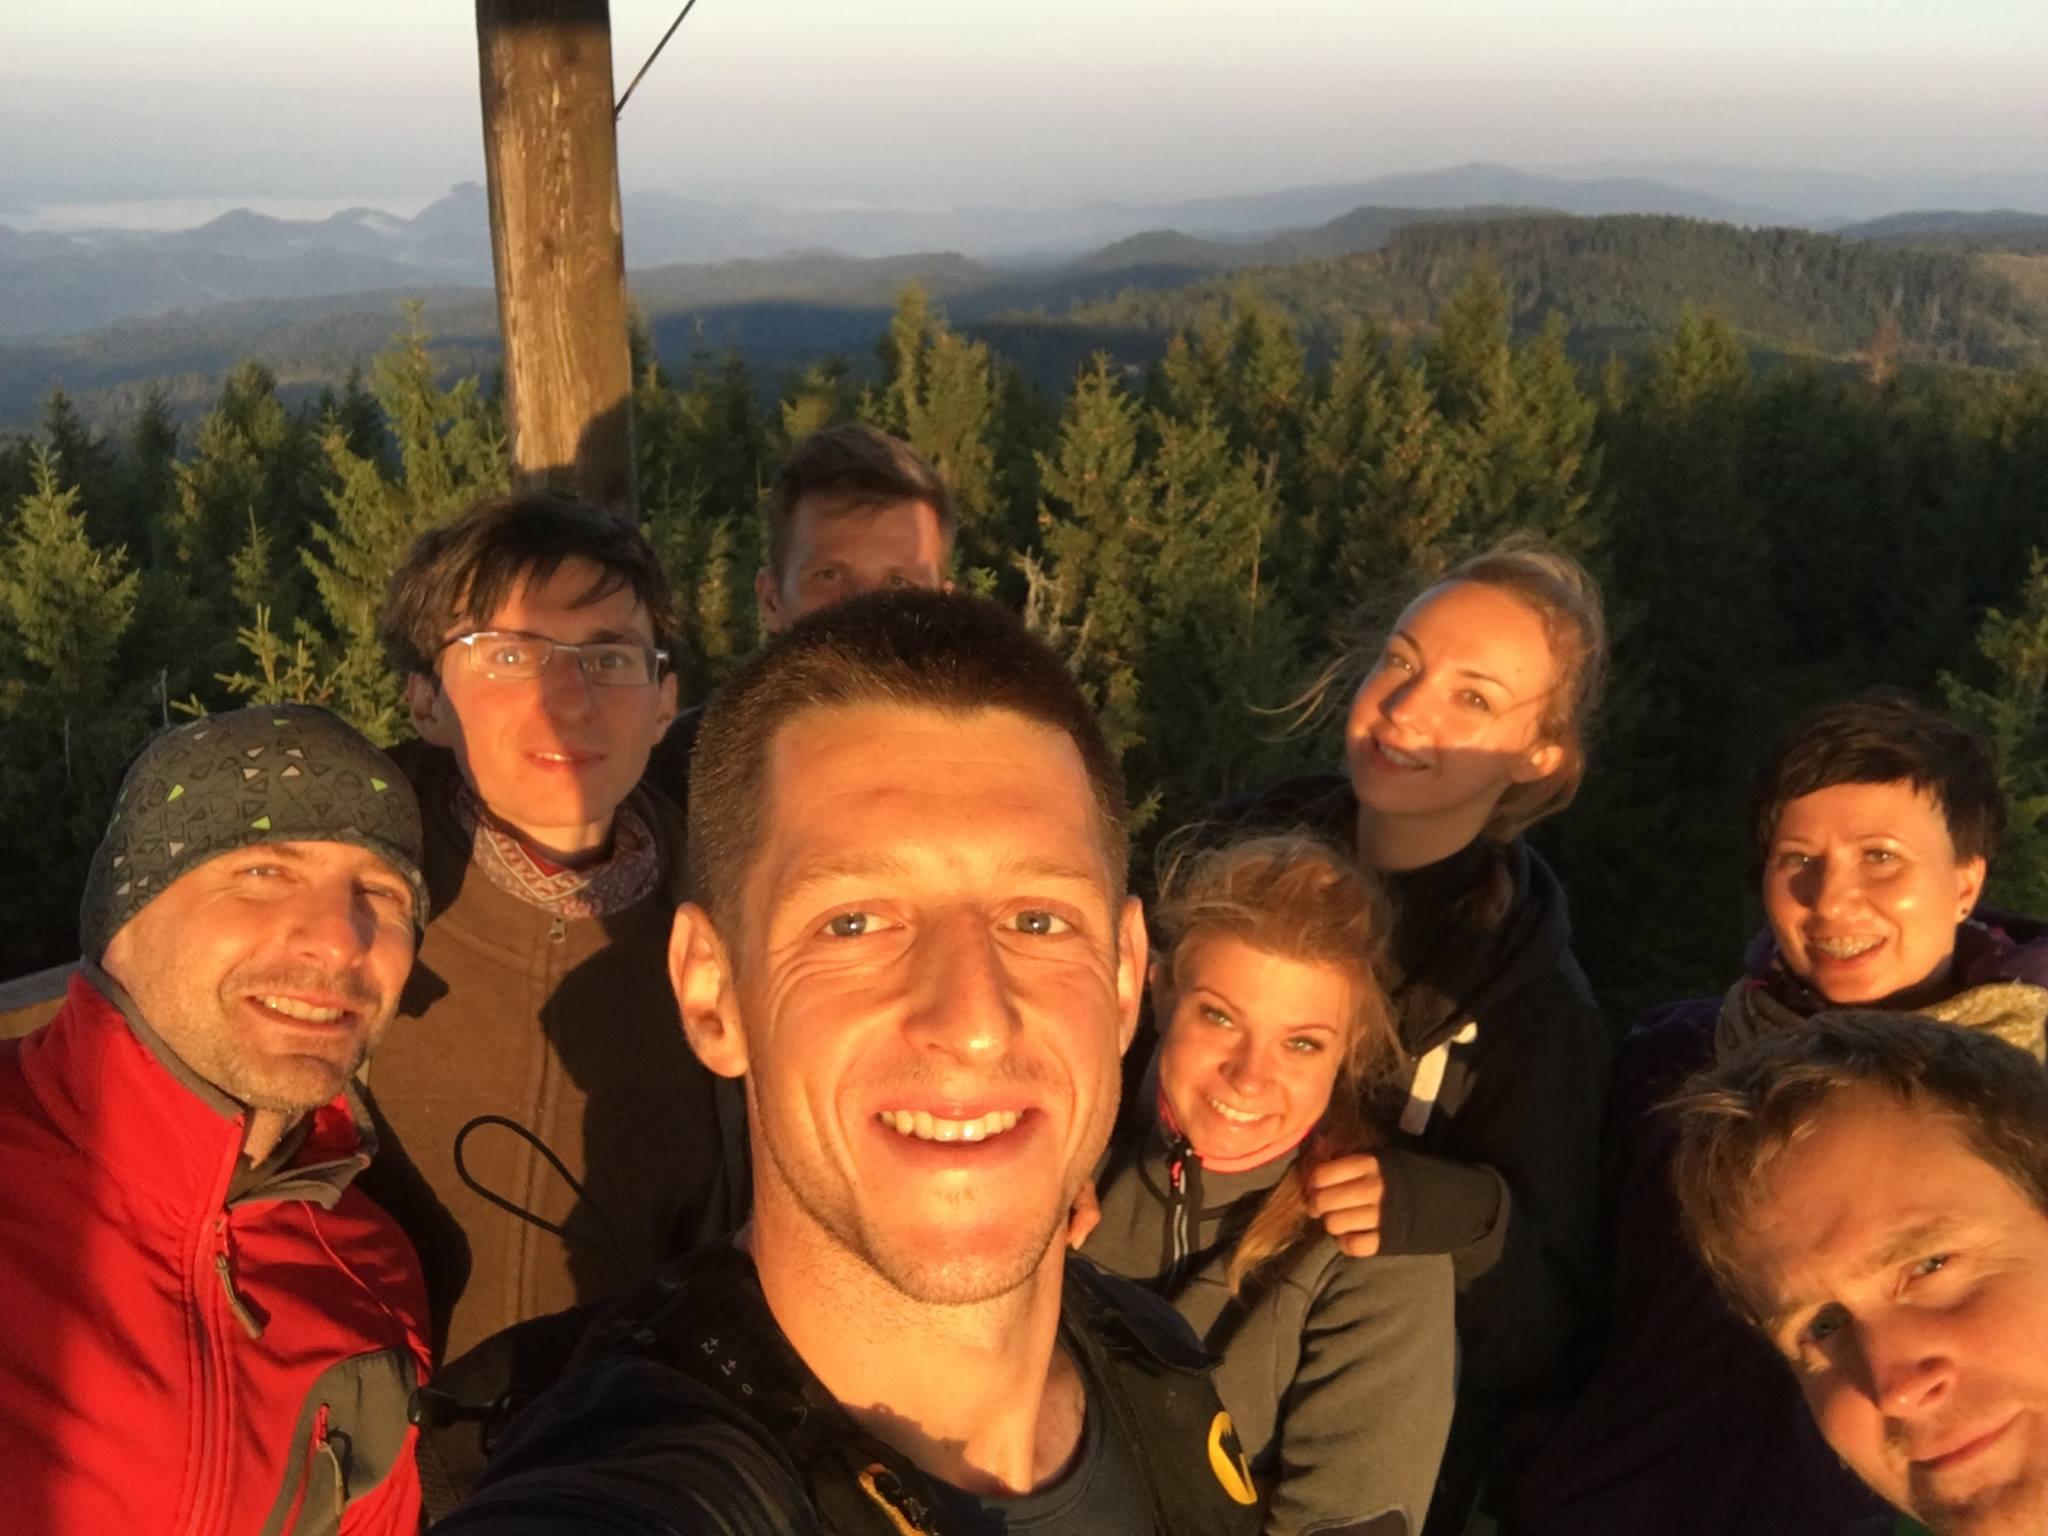 """Z Fb: """"24. Radziejowa Beskid Sądecki Dzień dobry! Pozdro dla ekipy, która także szczytowała o wschodzie!"""""""